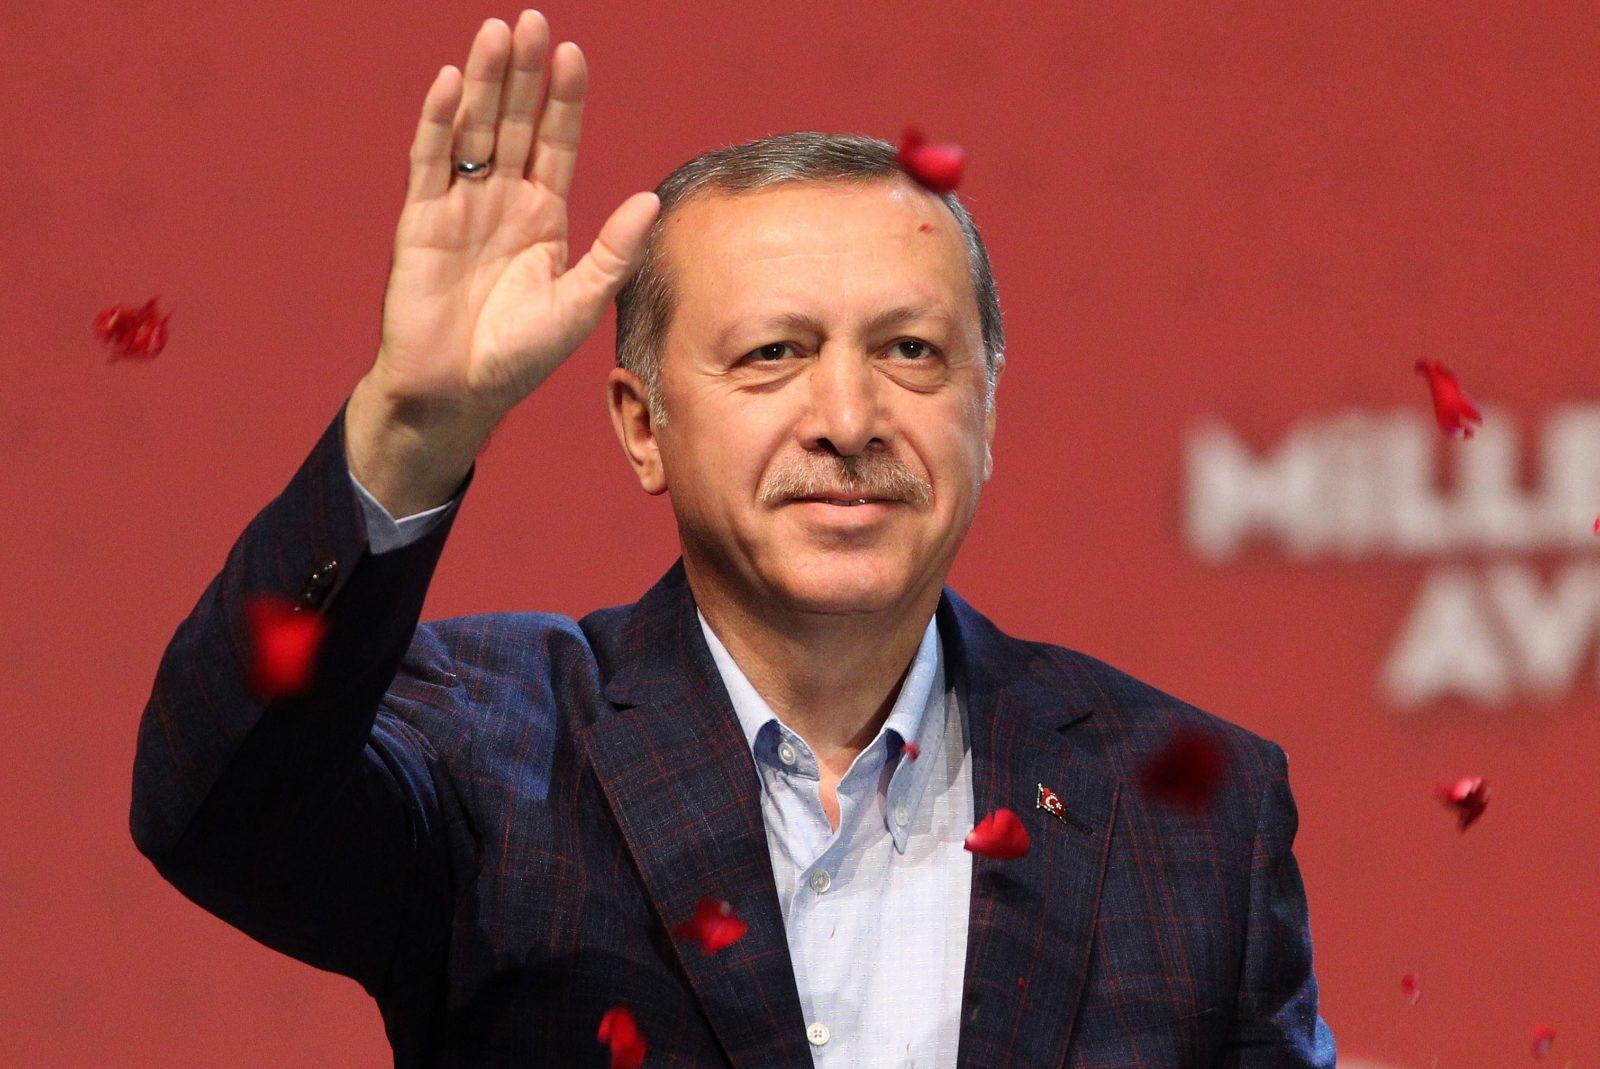 Viva Erdogan!